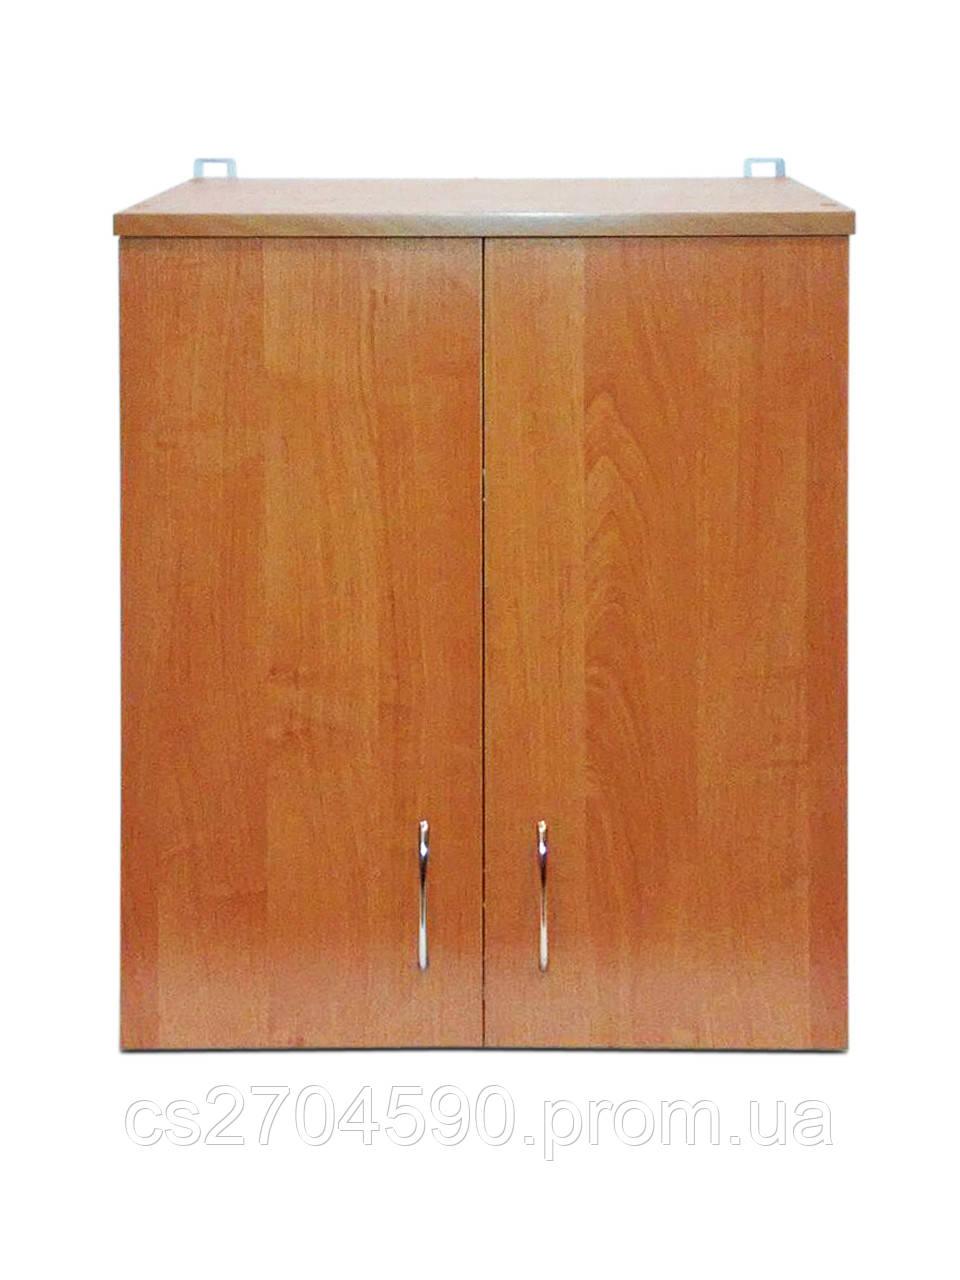 Шкаф навесной кухонный 60см с полкой